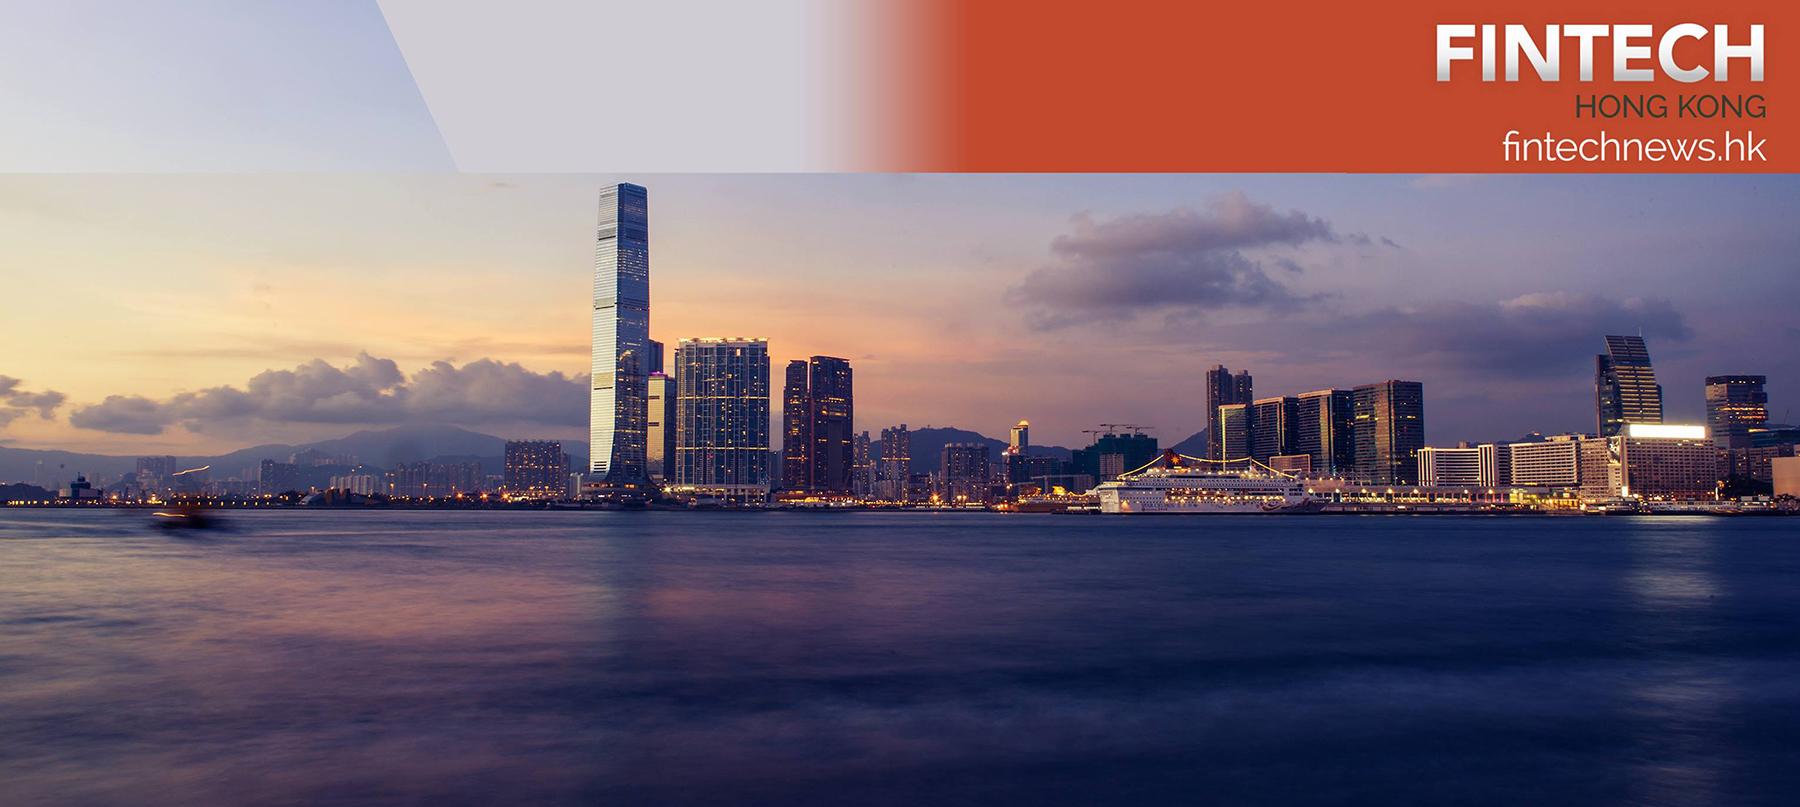 fintech news hong kong china